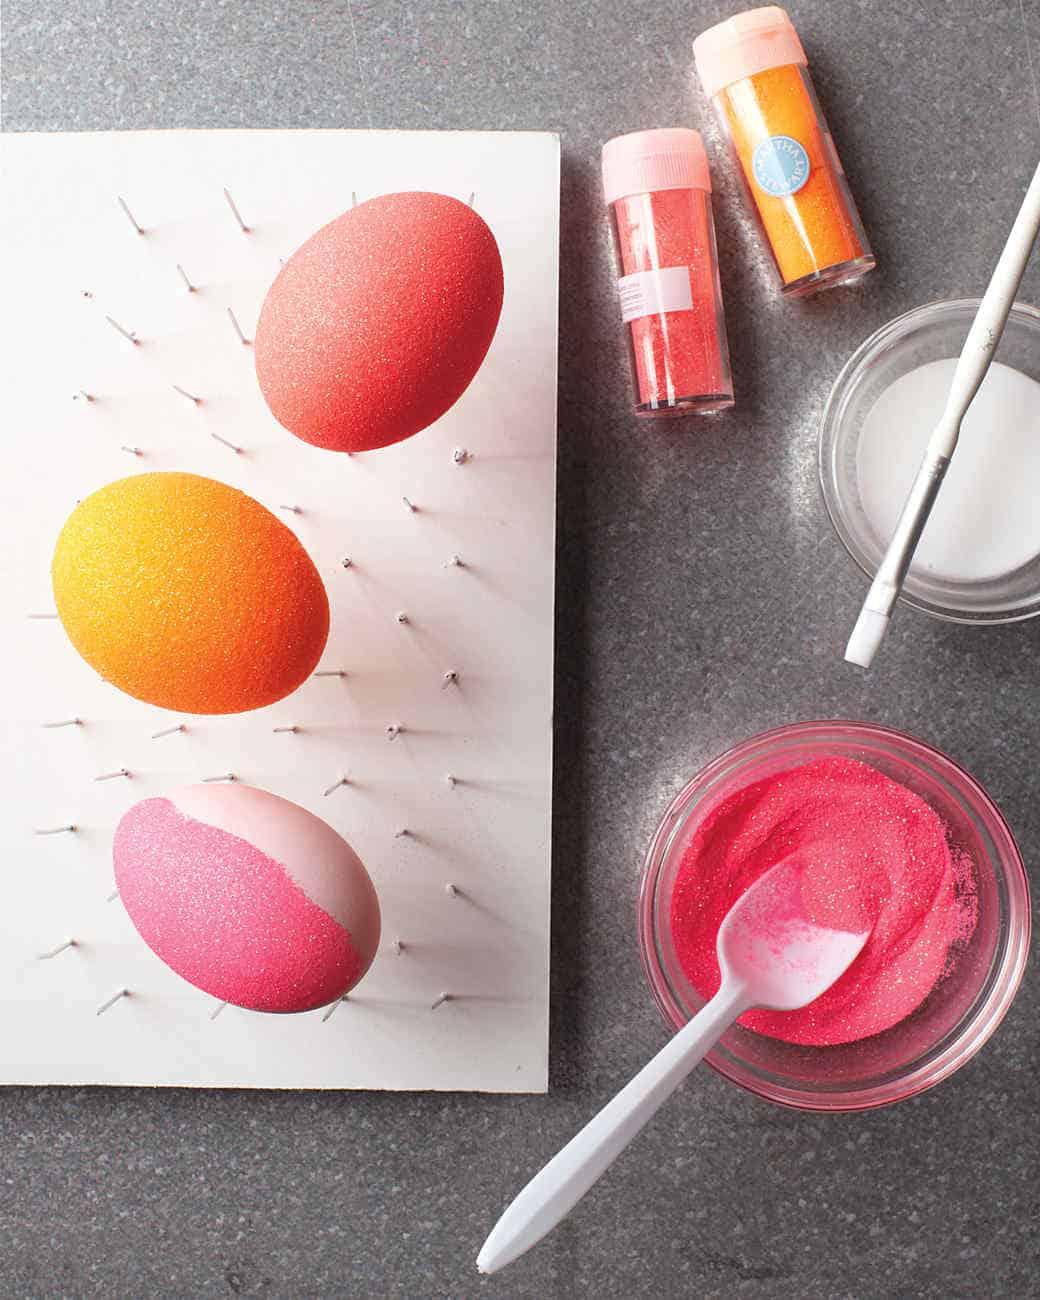 Ιδέες για βάψιμο πασχαλινών αυγών 7